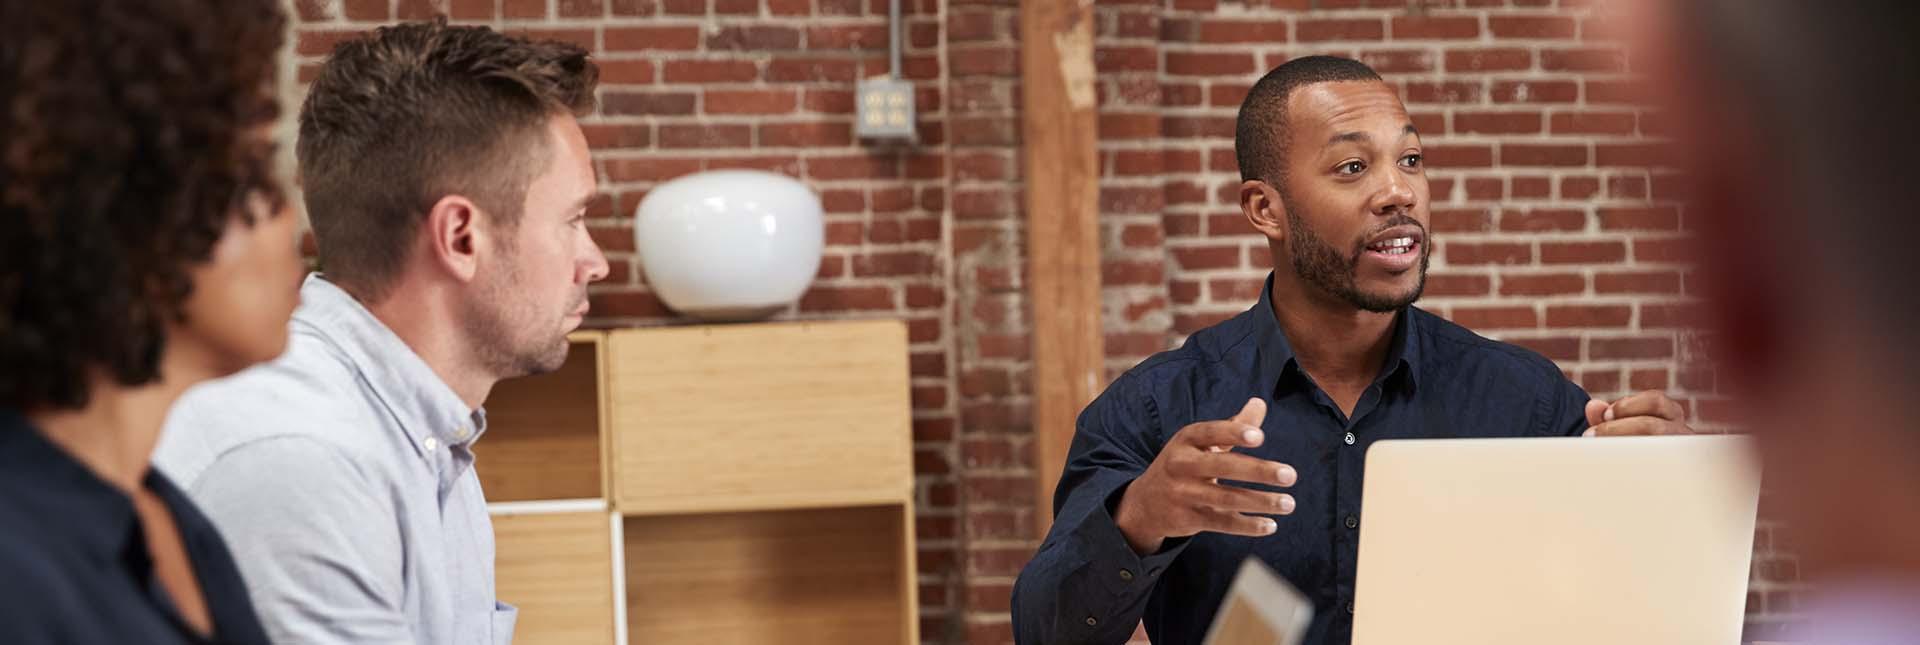 Coaching tu mejor aliado para mejorar tus competencias gerenciales | Insigni